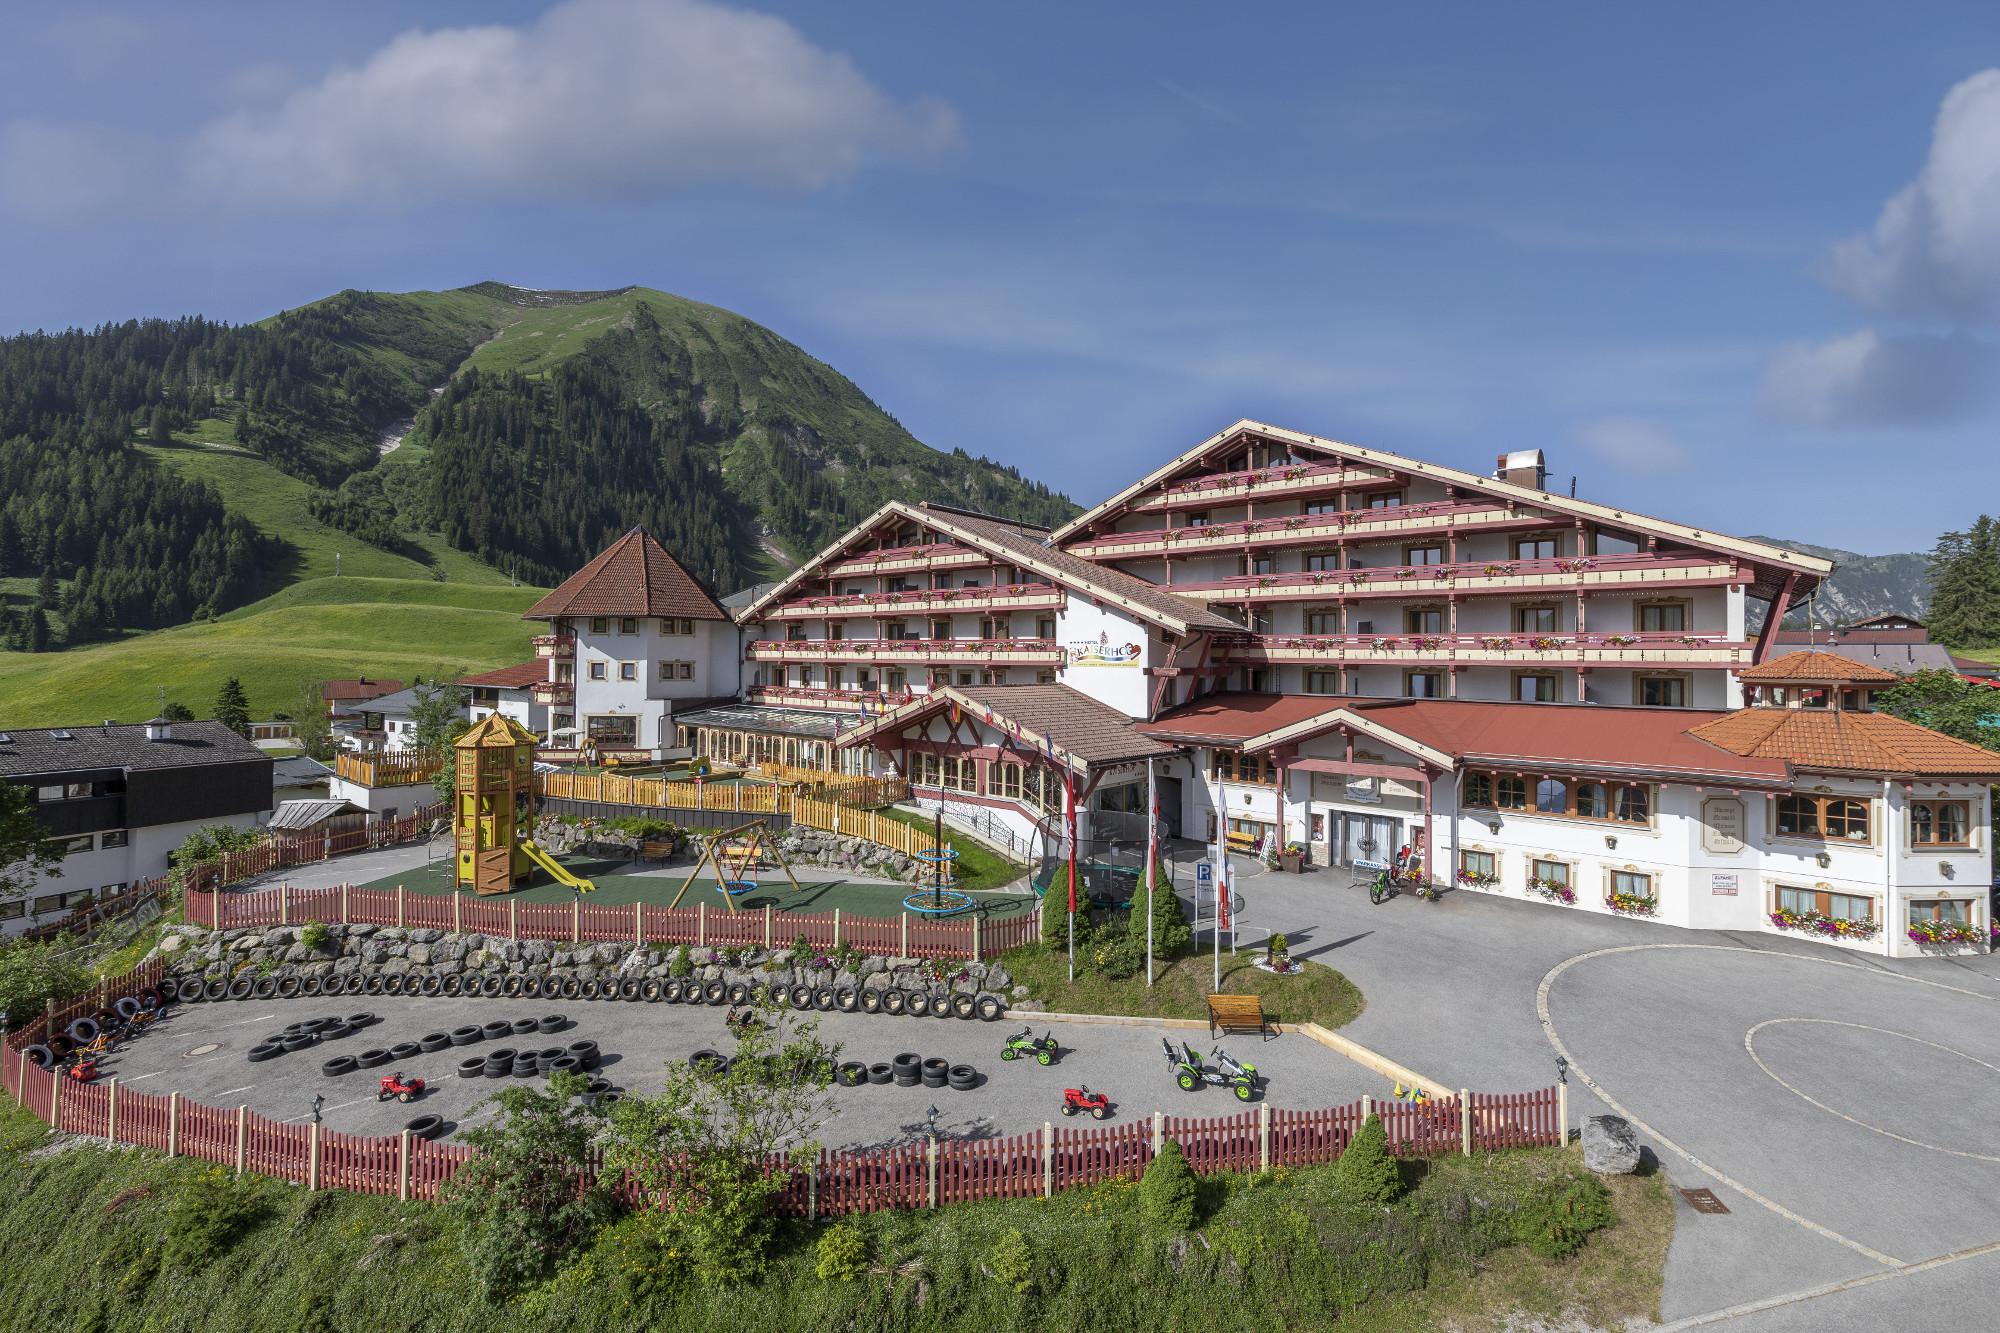 Familotel Kaiserhof - Sommer mit Spielplatz